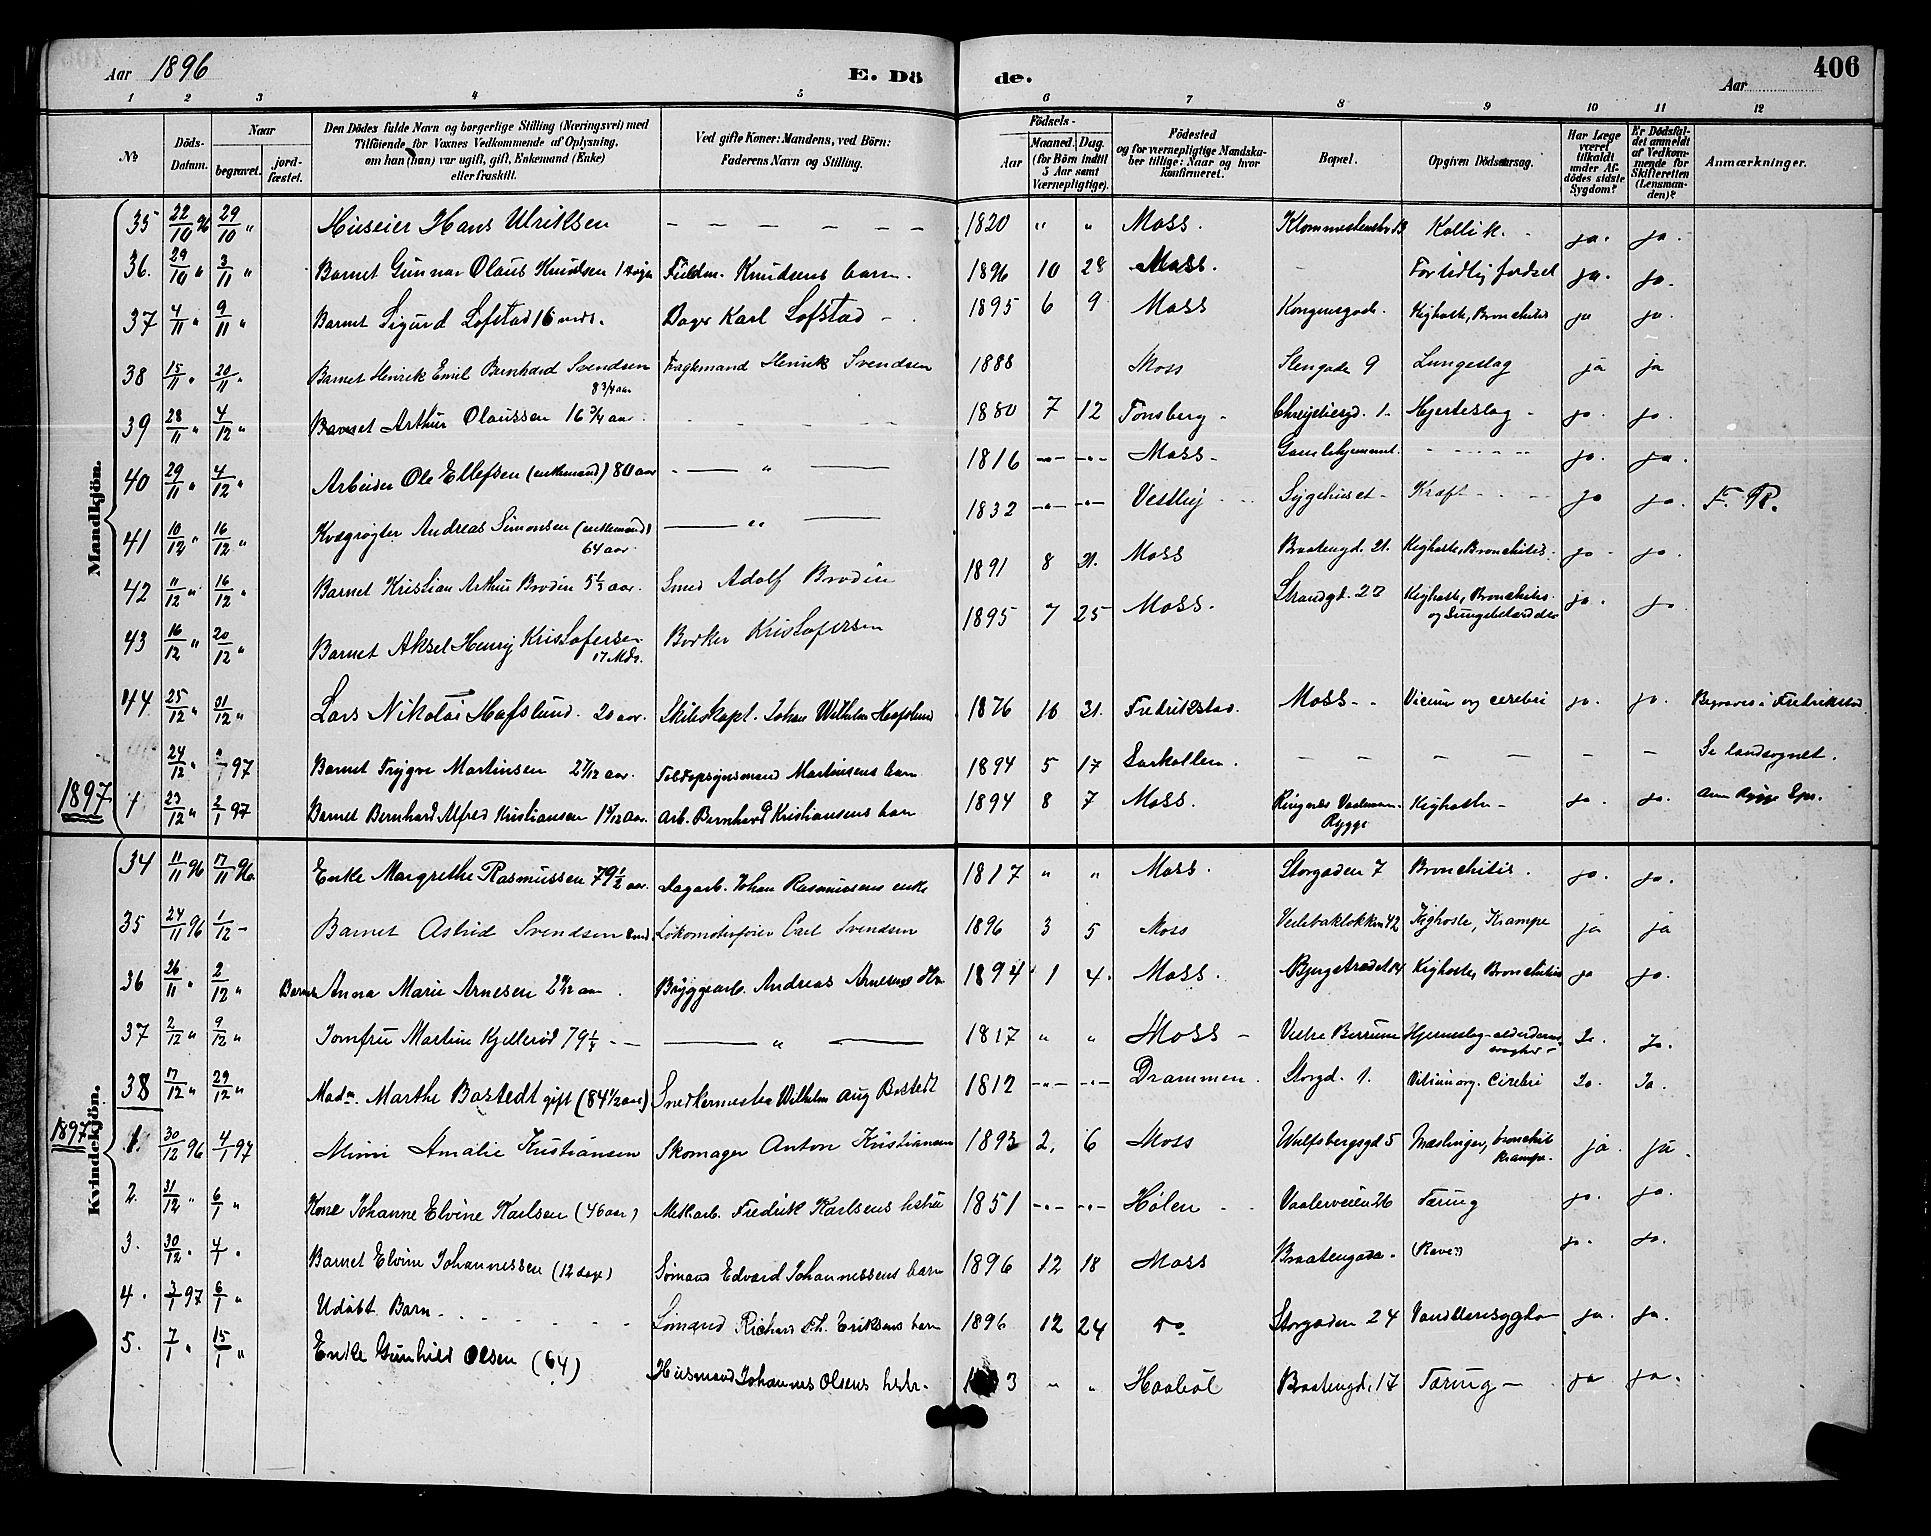 SAO, Moss prestekontor Kirkebøker, G/Ga/L0006: Klokkerbok nr. I 6, 1889-1900, s. 406